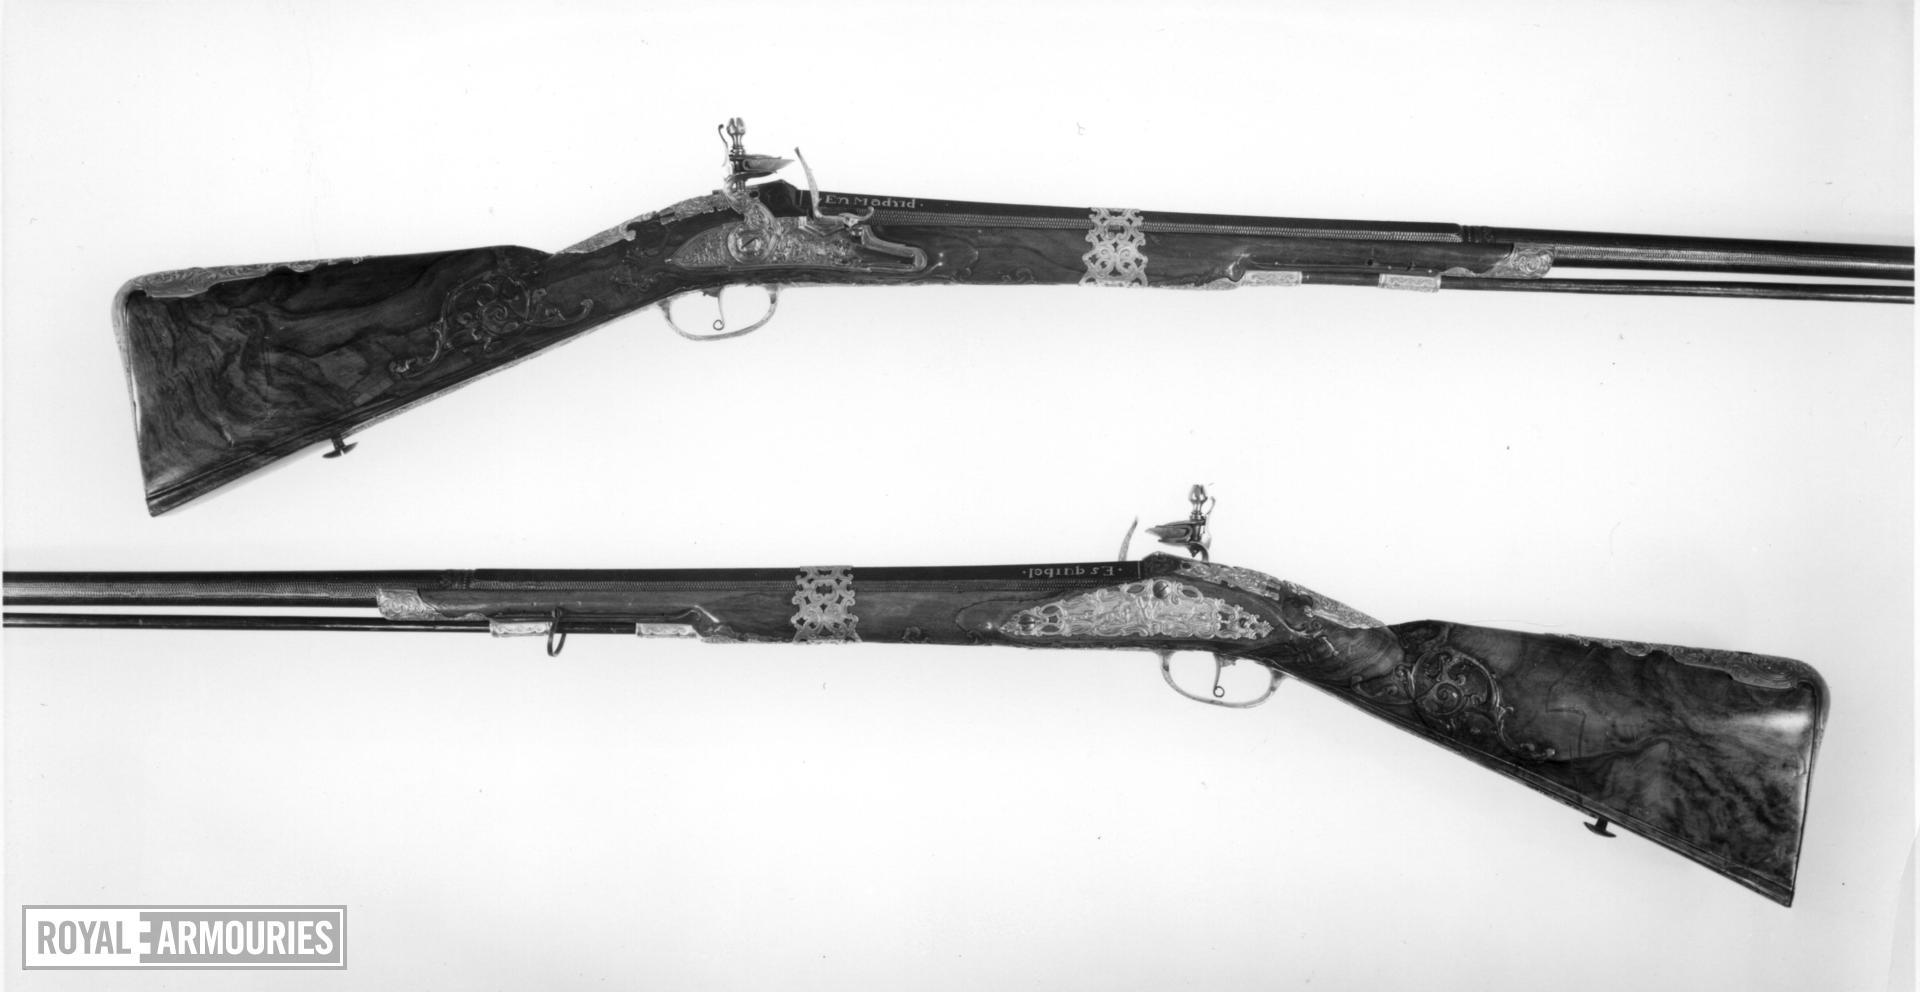 Flintlock gun - By Marcus Zelner